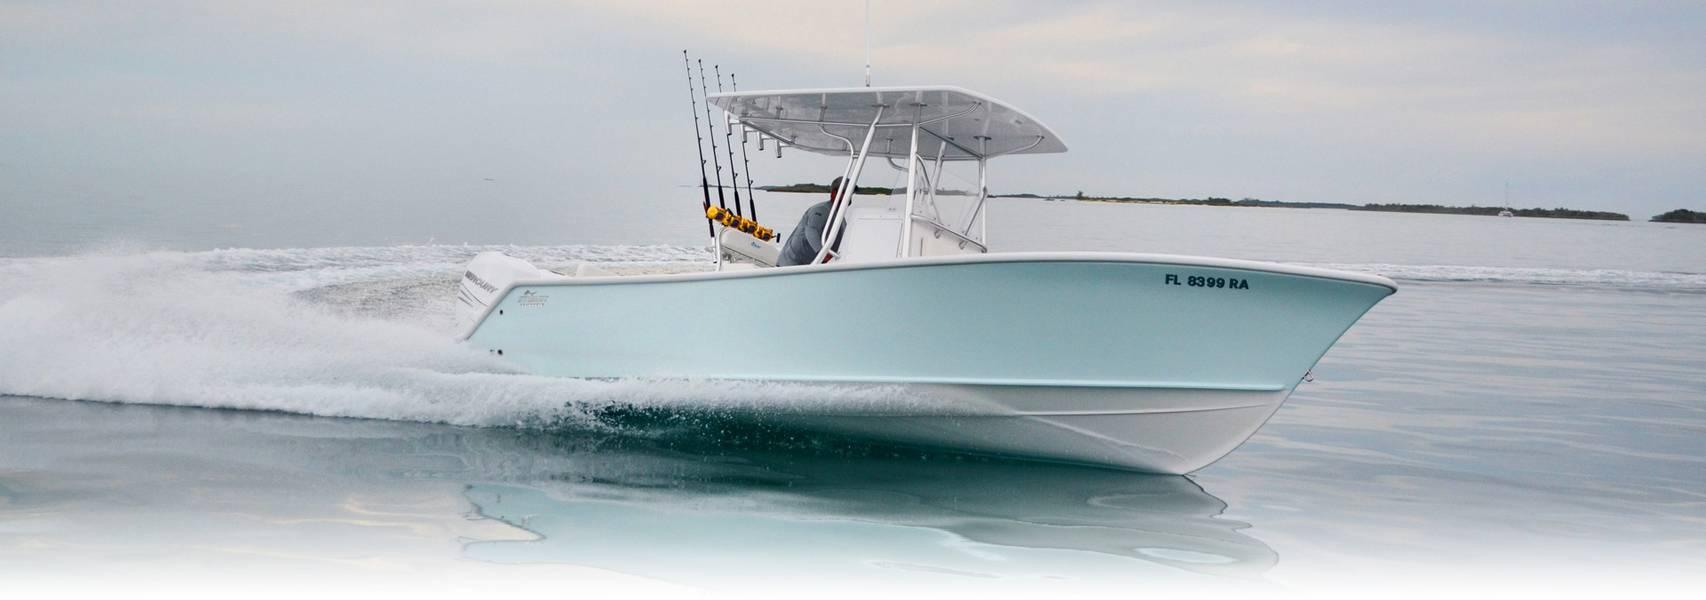 स्टुअर्ट बोटवर्क्स 27 इस साल मियामी अंतर्राष्ट्रीय नाव शो में पहली बार प्रदर्शन पर ओशन 5 के लिए एक गेमचेंजर था। छवि सौजन्य महासागर 5 नौसेना आर्किटेक्ट्स।